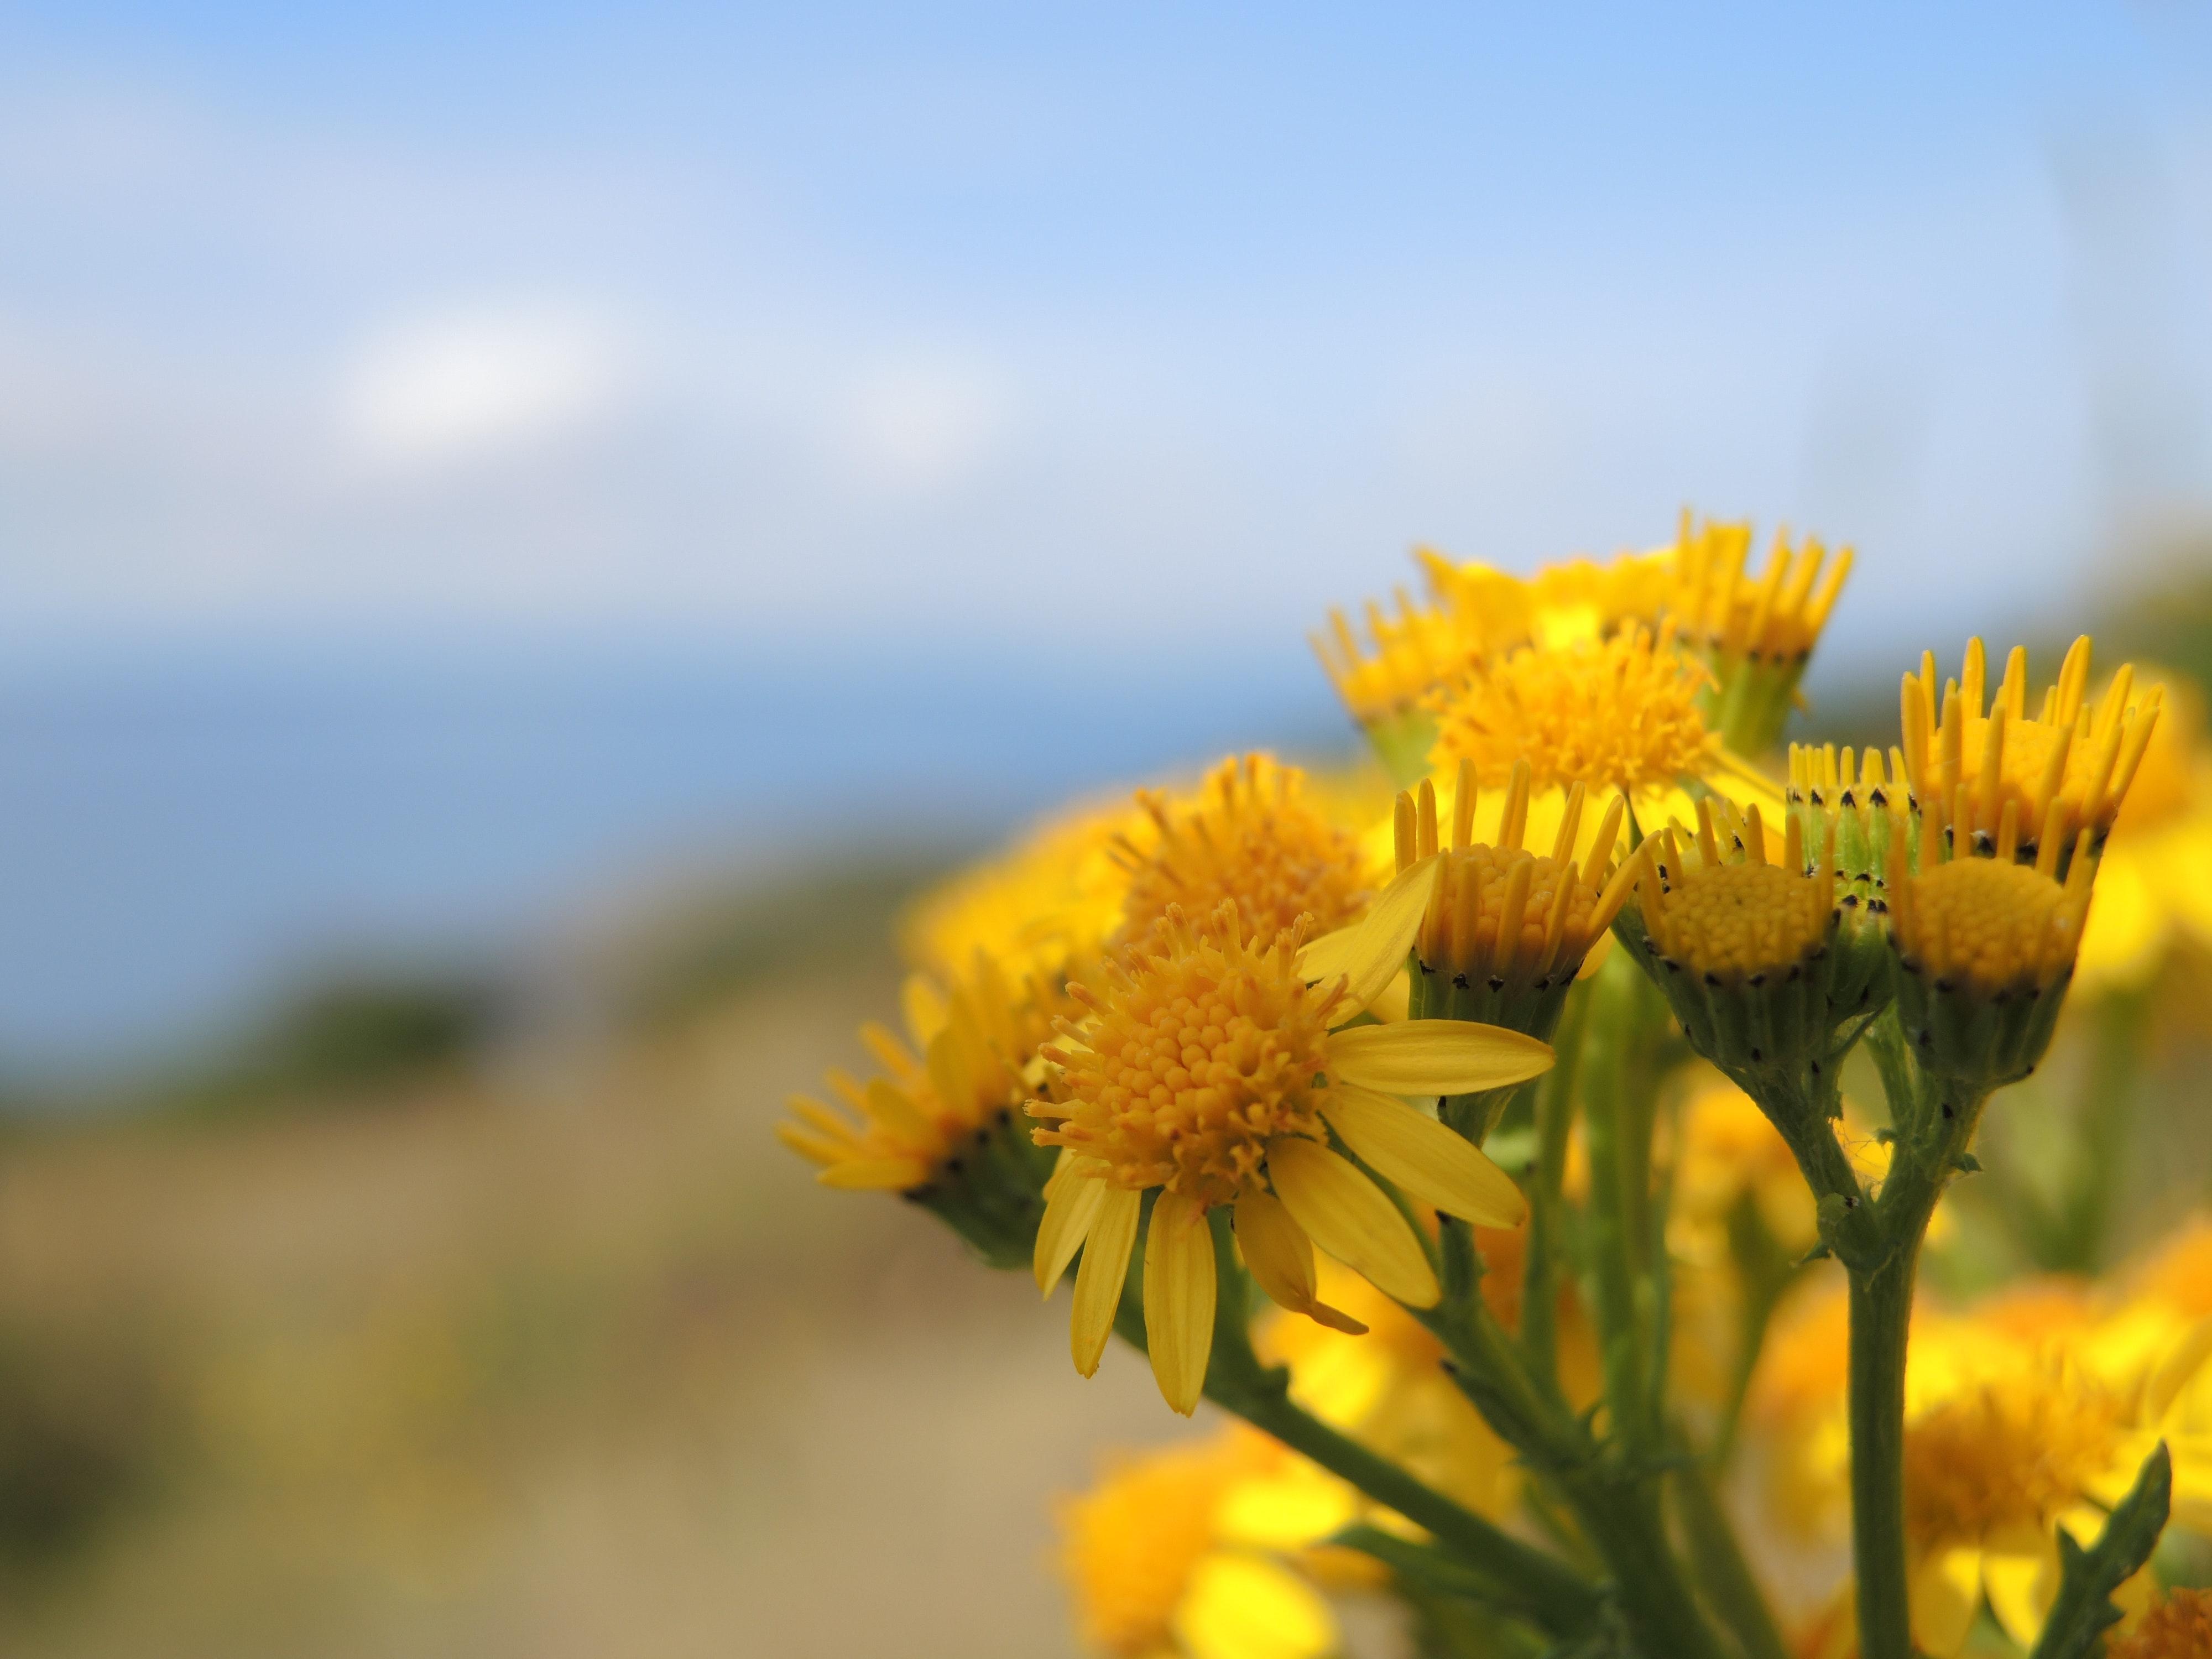 Macro shot of yellow flower photo